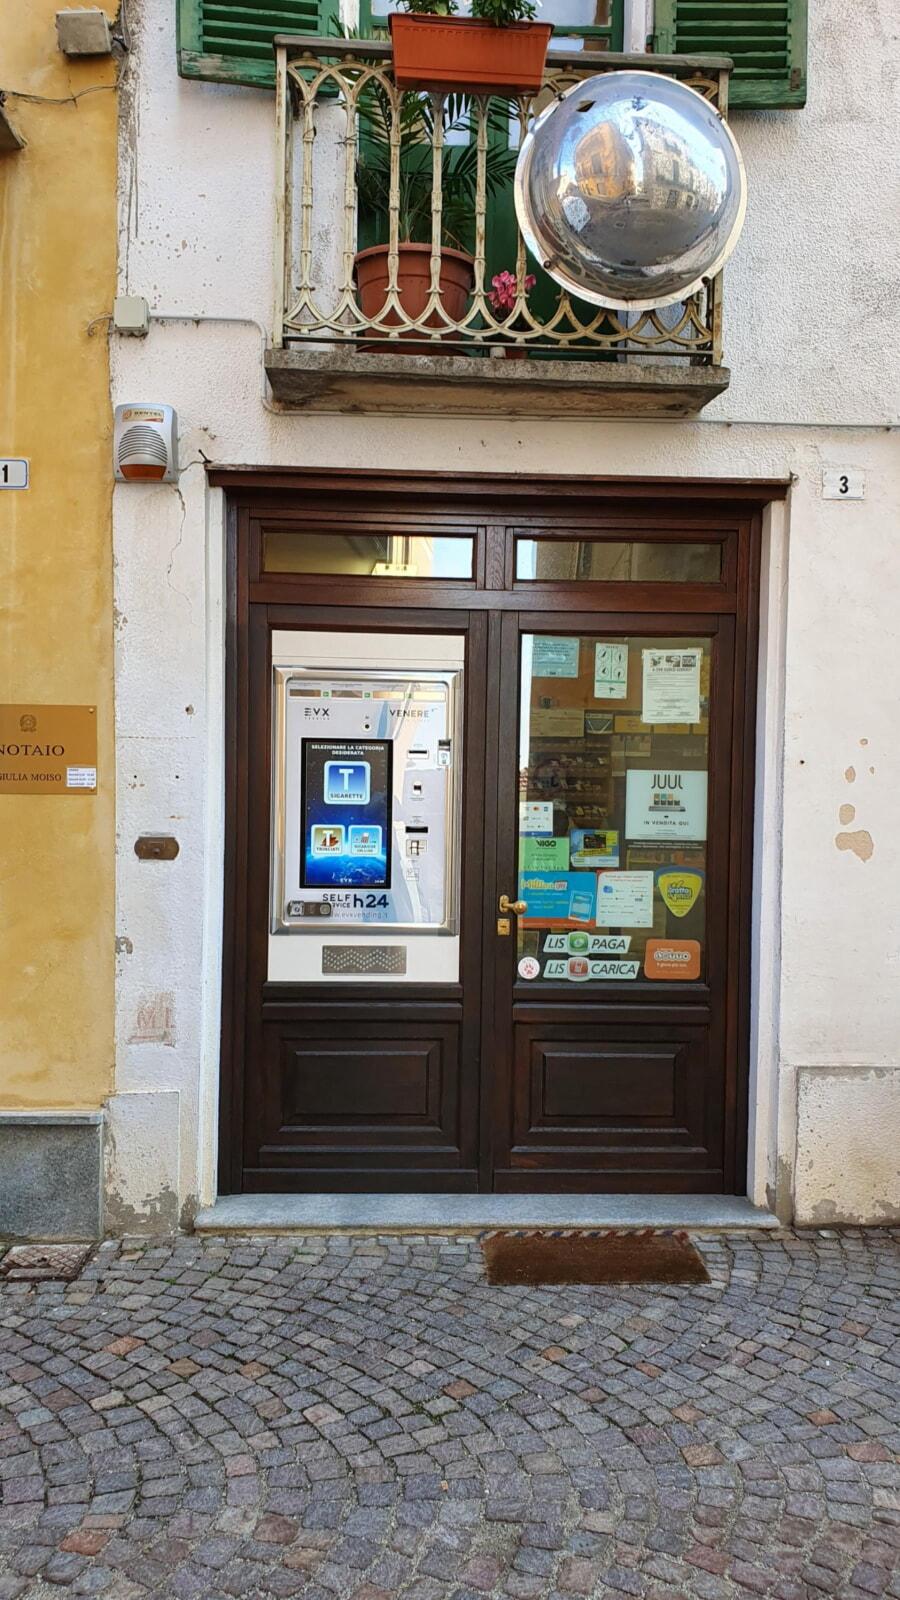 distributore-automatico-sigarette-evx-venere_+plus (41)